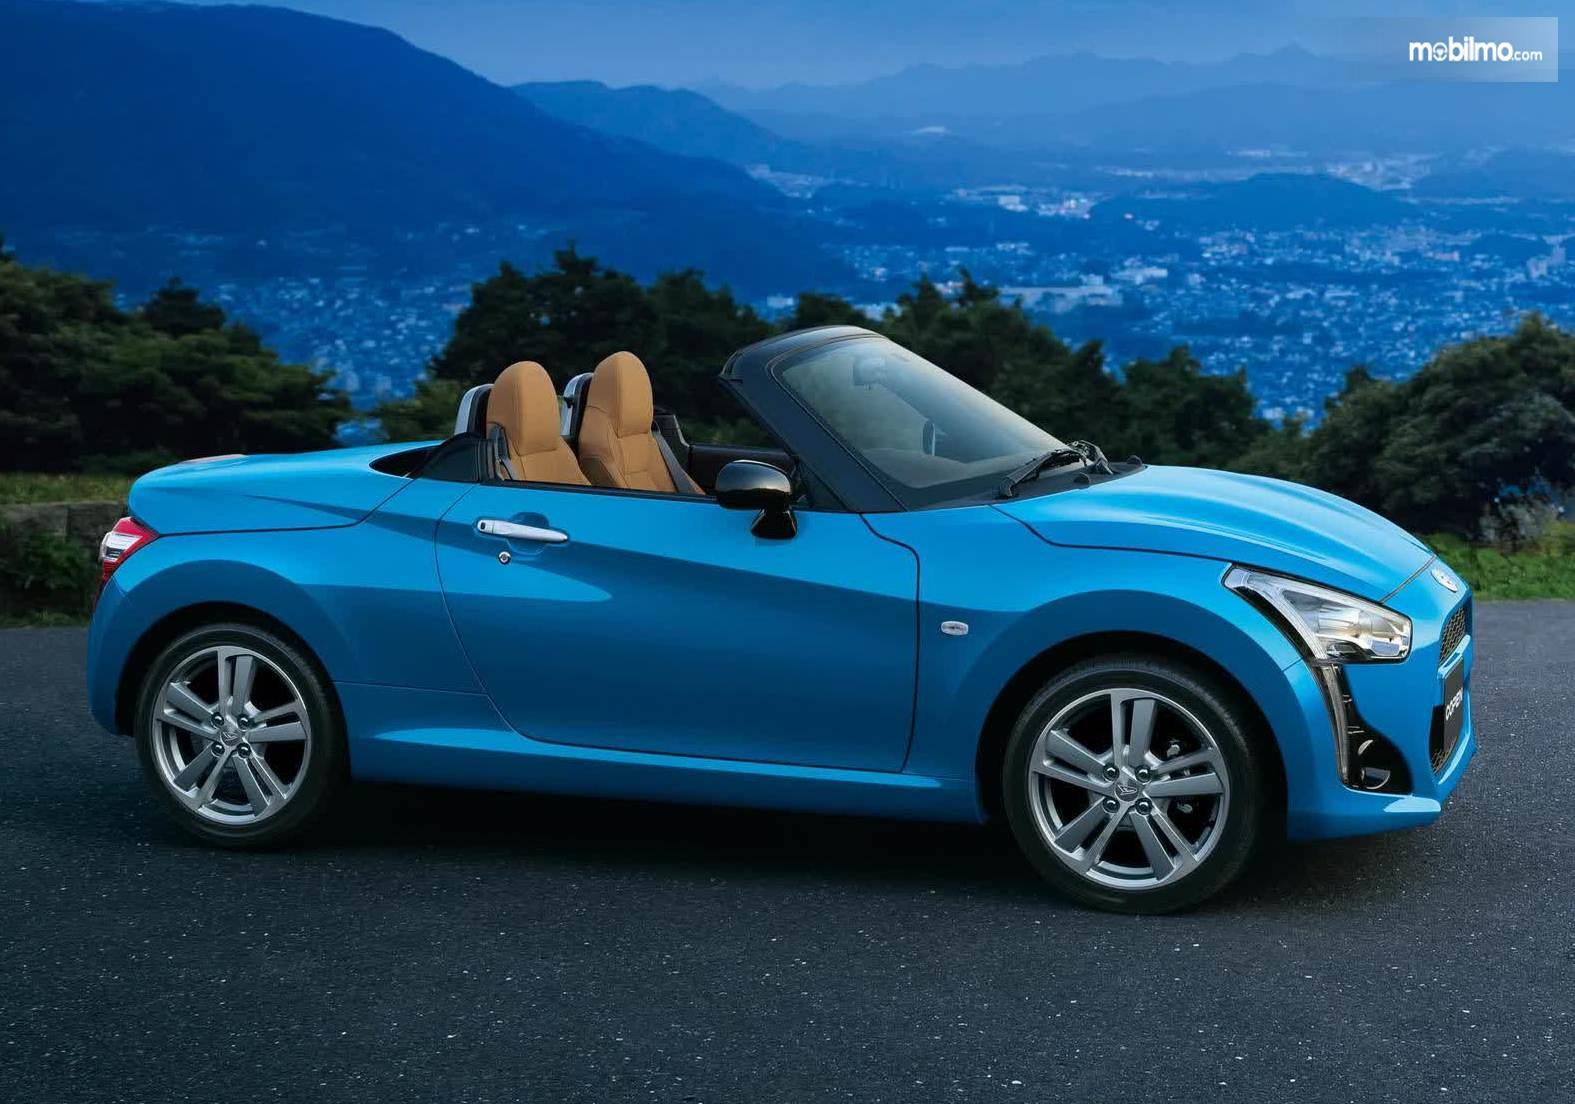 Foto Daihatsu Copen warna biru tampak dari samping